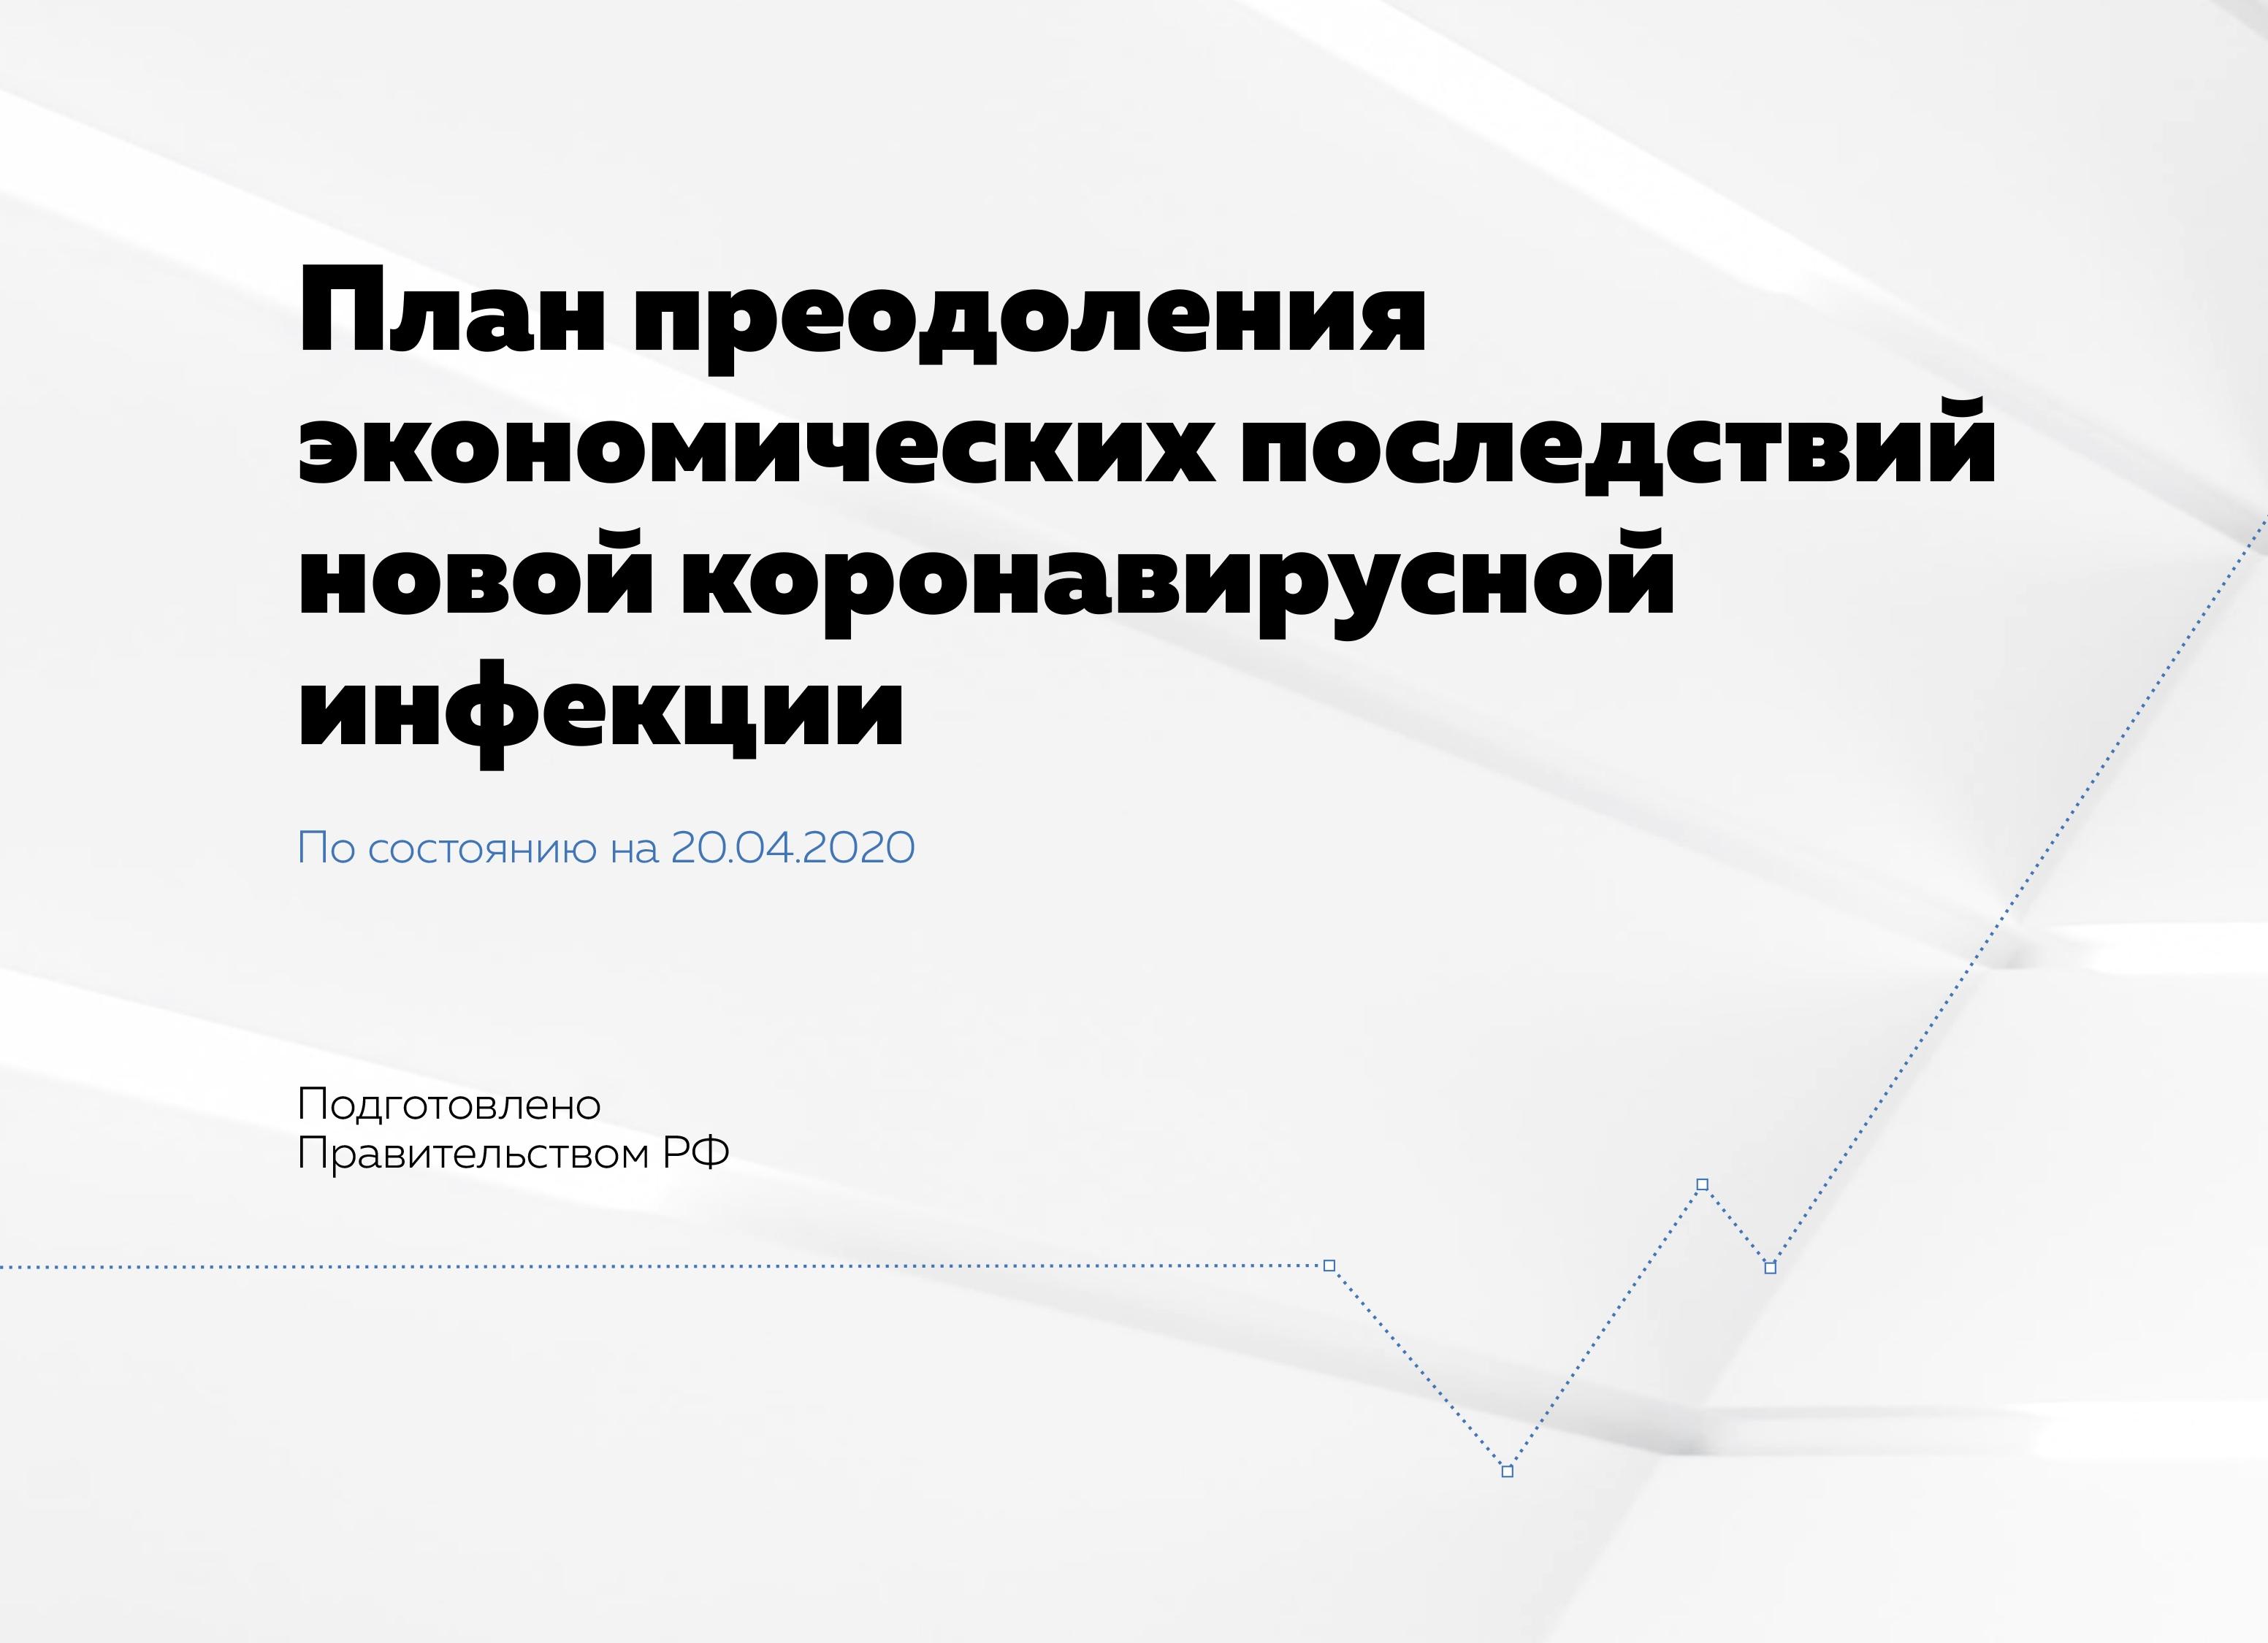 Стоимость принятых Правительством мер поддержки экономики составила 2,1 трлн рублей